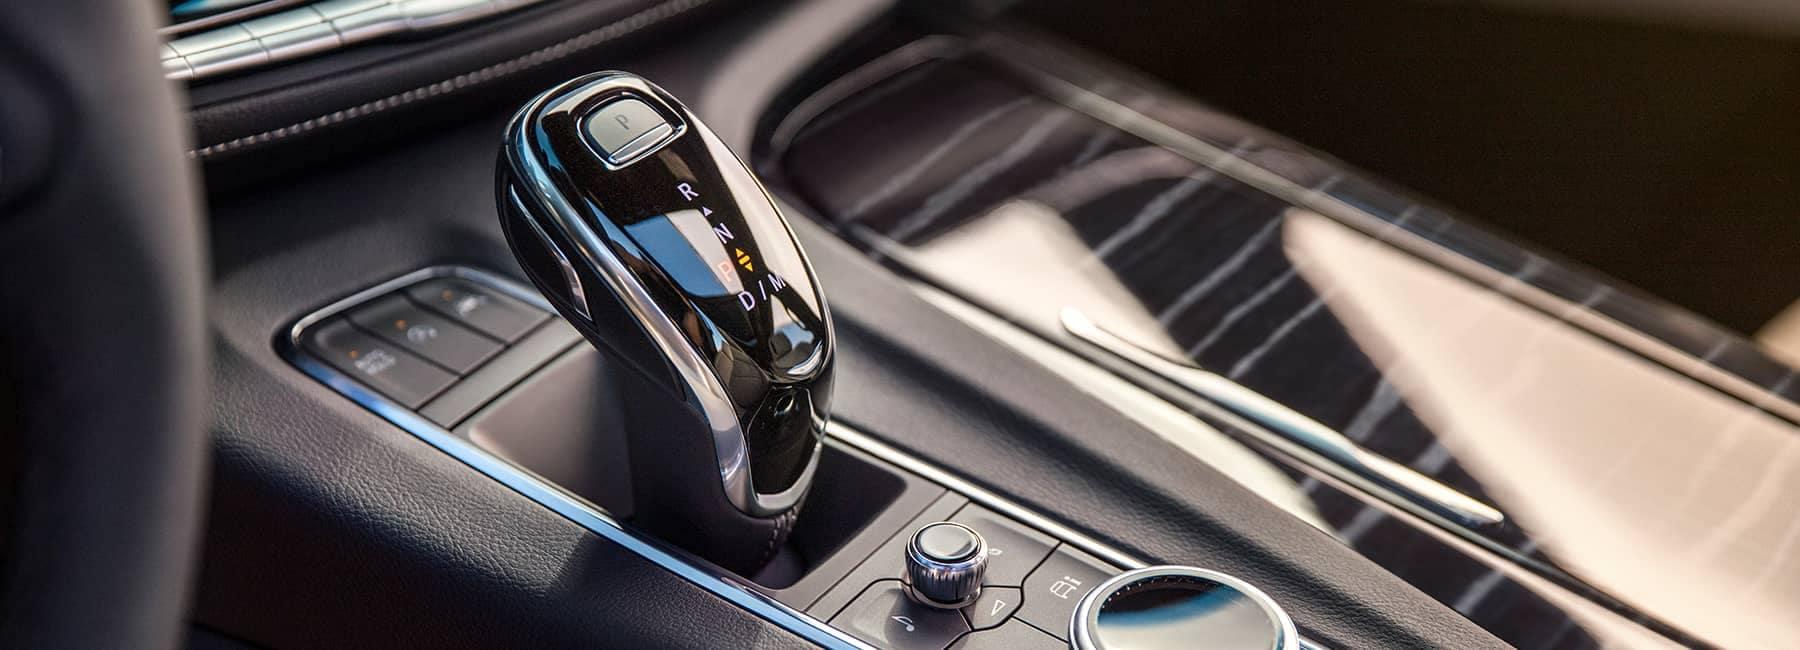 2021 Cadillac Escalade Console